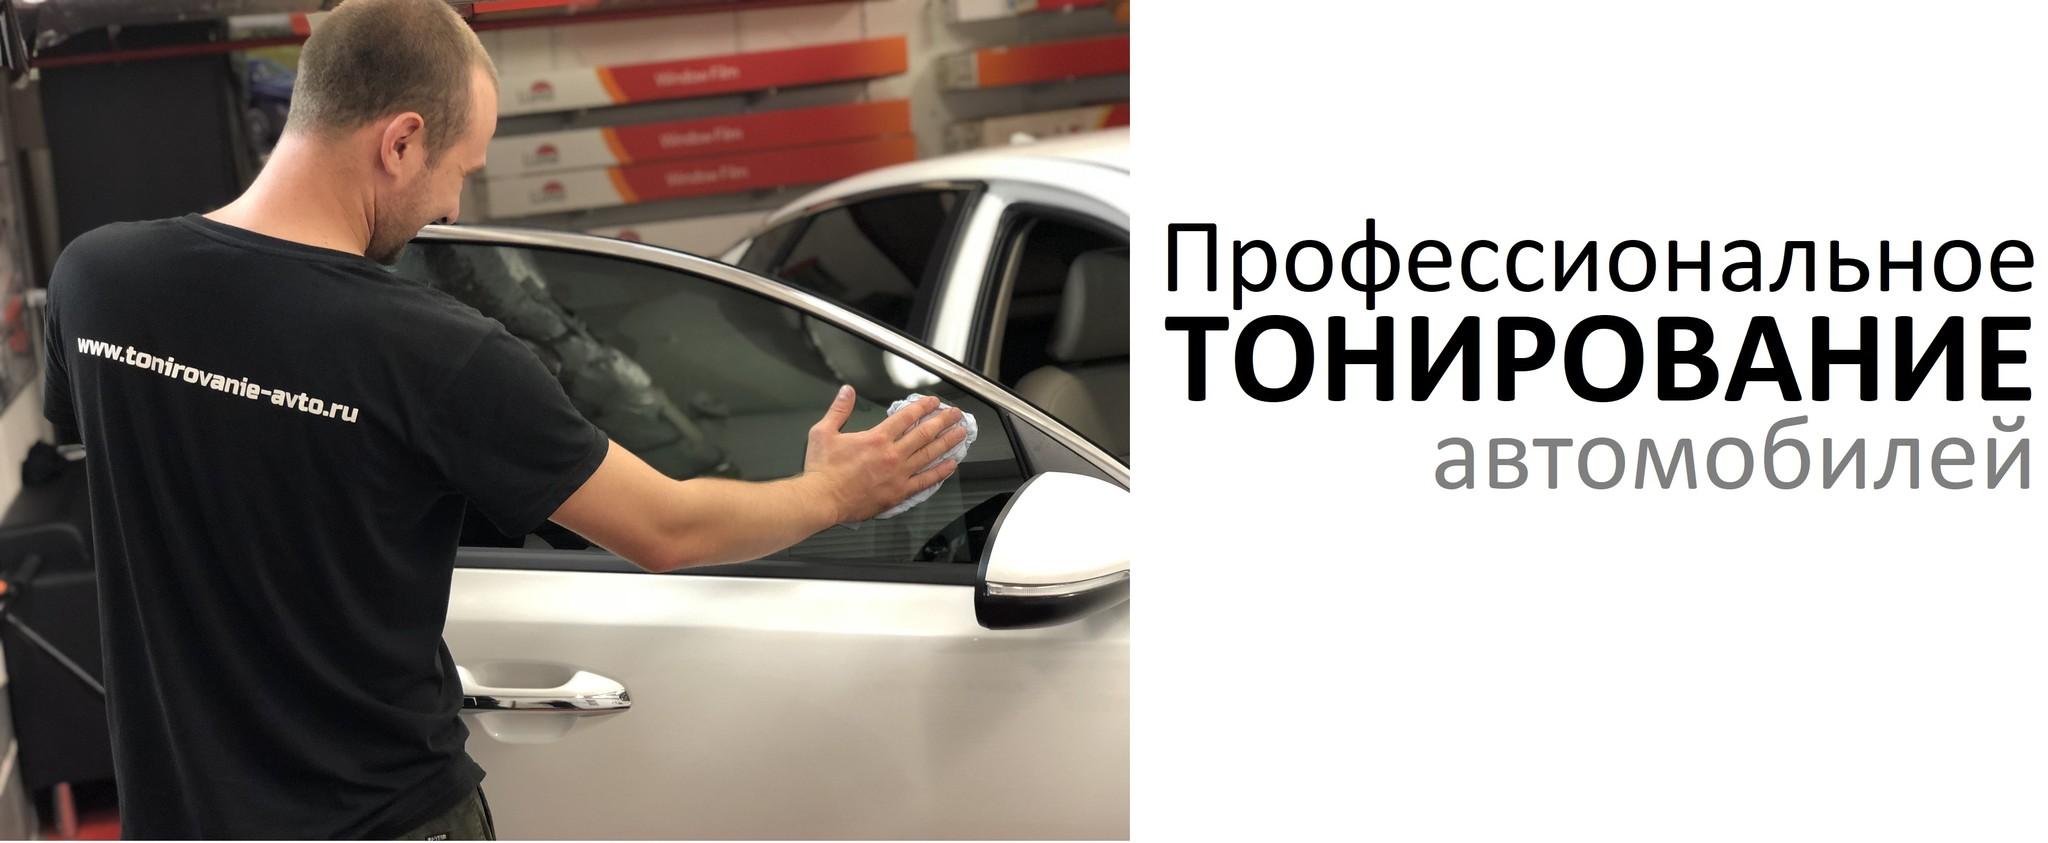 тонирование автомобилей